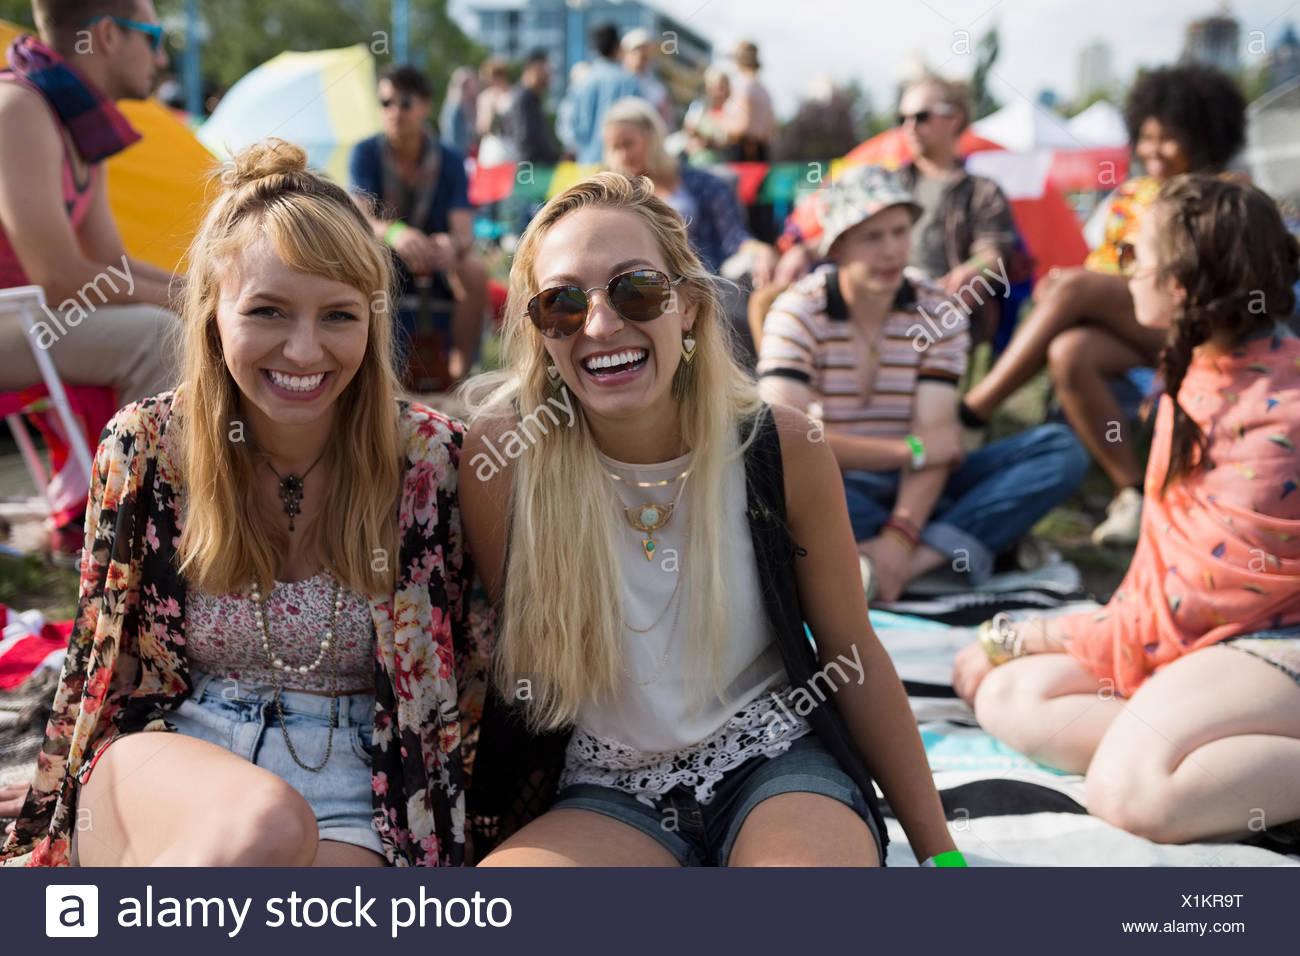 Ritratto sorridente giovani donne al festival musicale estivo Campeggio Immagini Stock